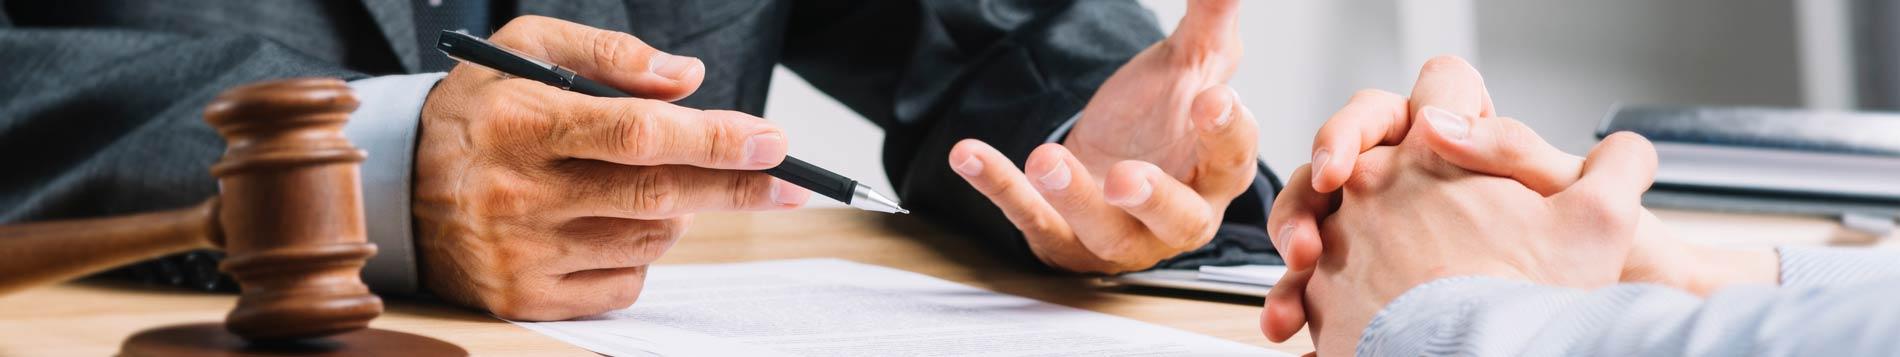 diritto penale studio avvocati torino